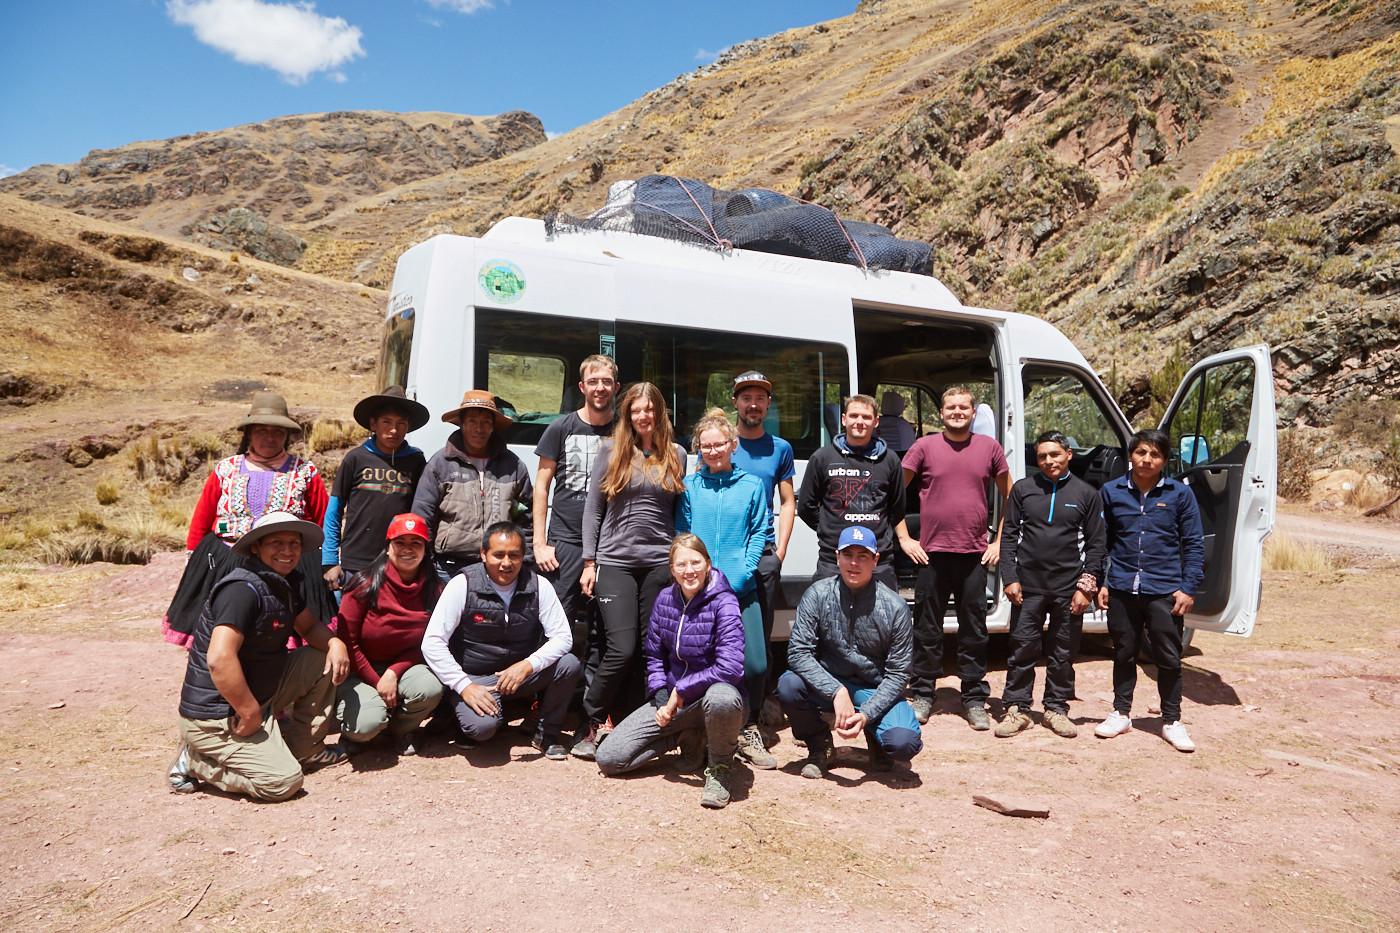 Unsere Gruppe mit der Crew von Kallpa Adventures - Kallpa unterstützt die lokale Bevölkerung, gibt ihnen Arbeitsplätze und versucht durch einen Teil der Einnahmen den Dorfbewohnern zu helfen